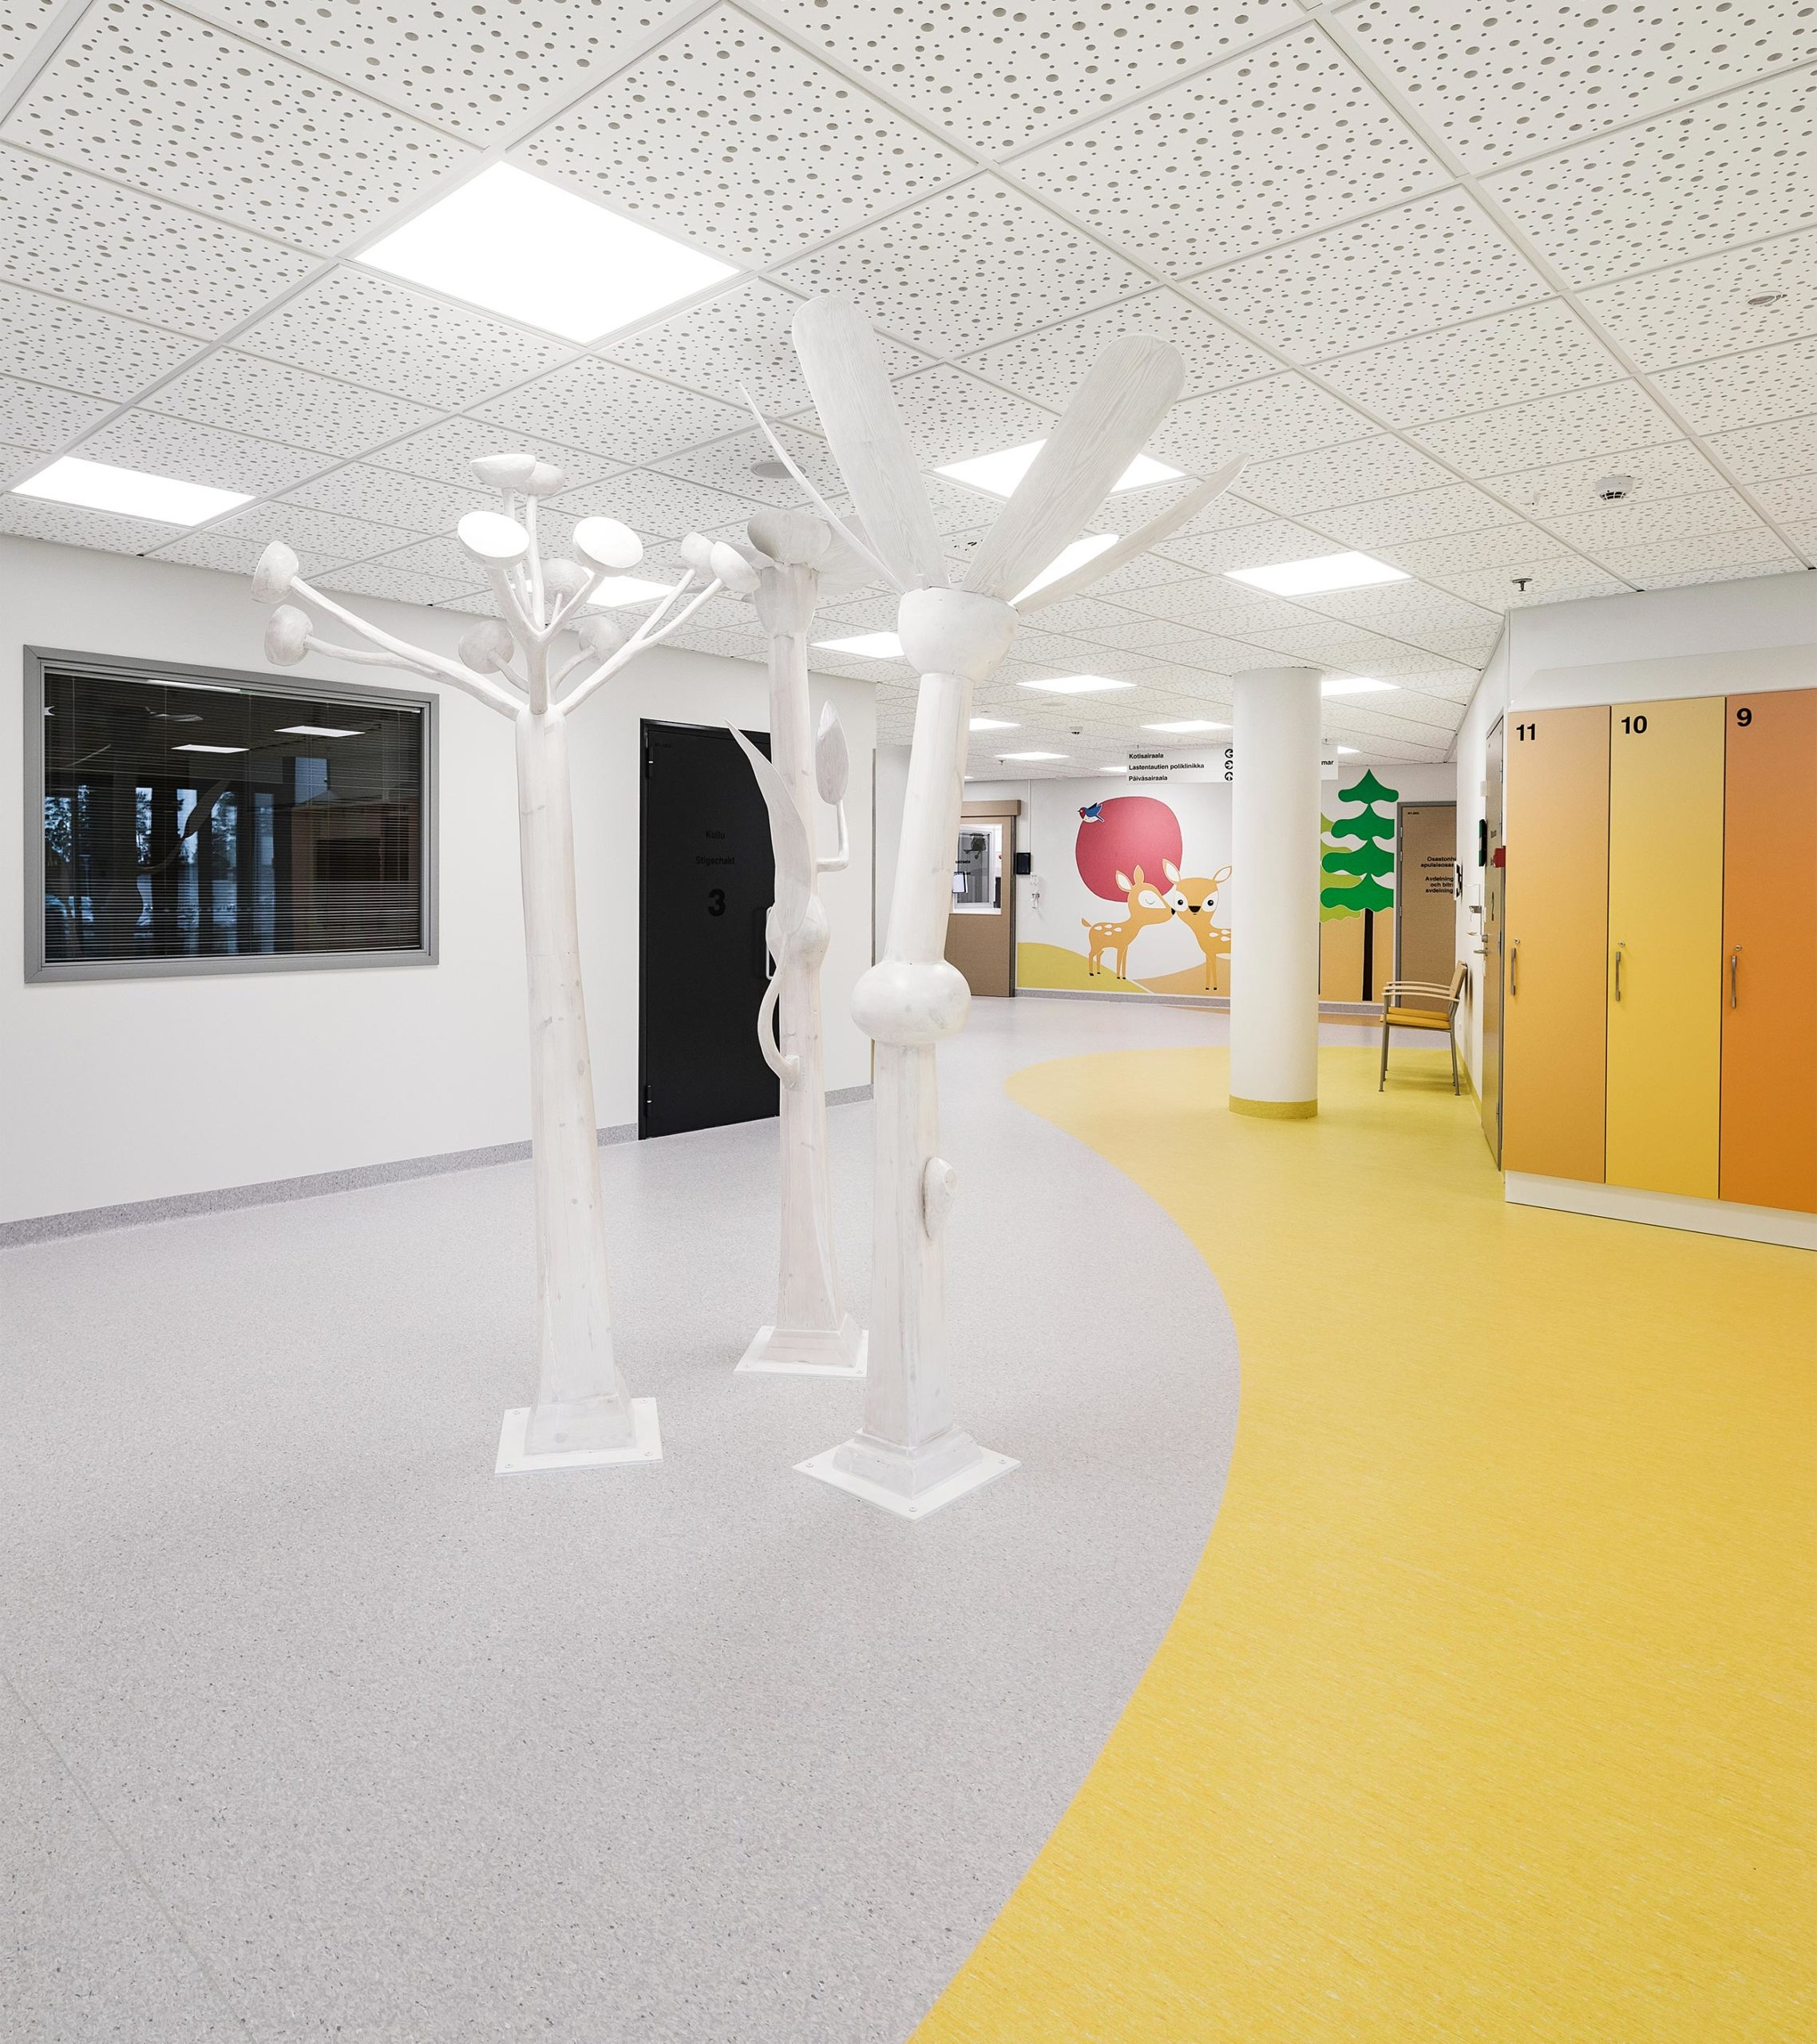 Hyvinkään sairaalan lastenosaston taide tuo huoneeseen tyyliteltyjä puita.